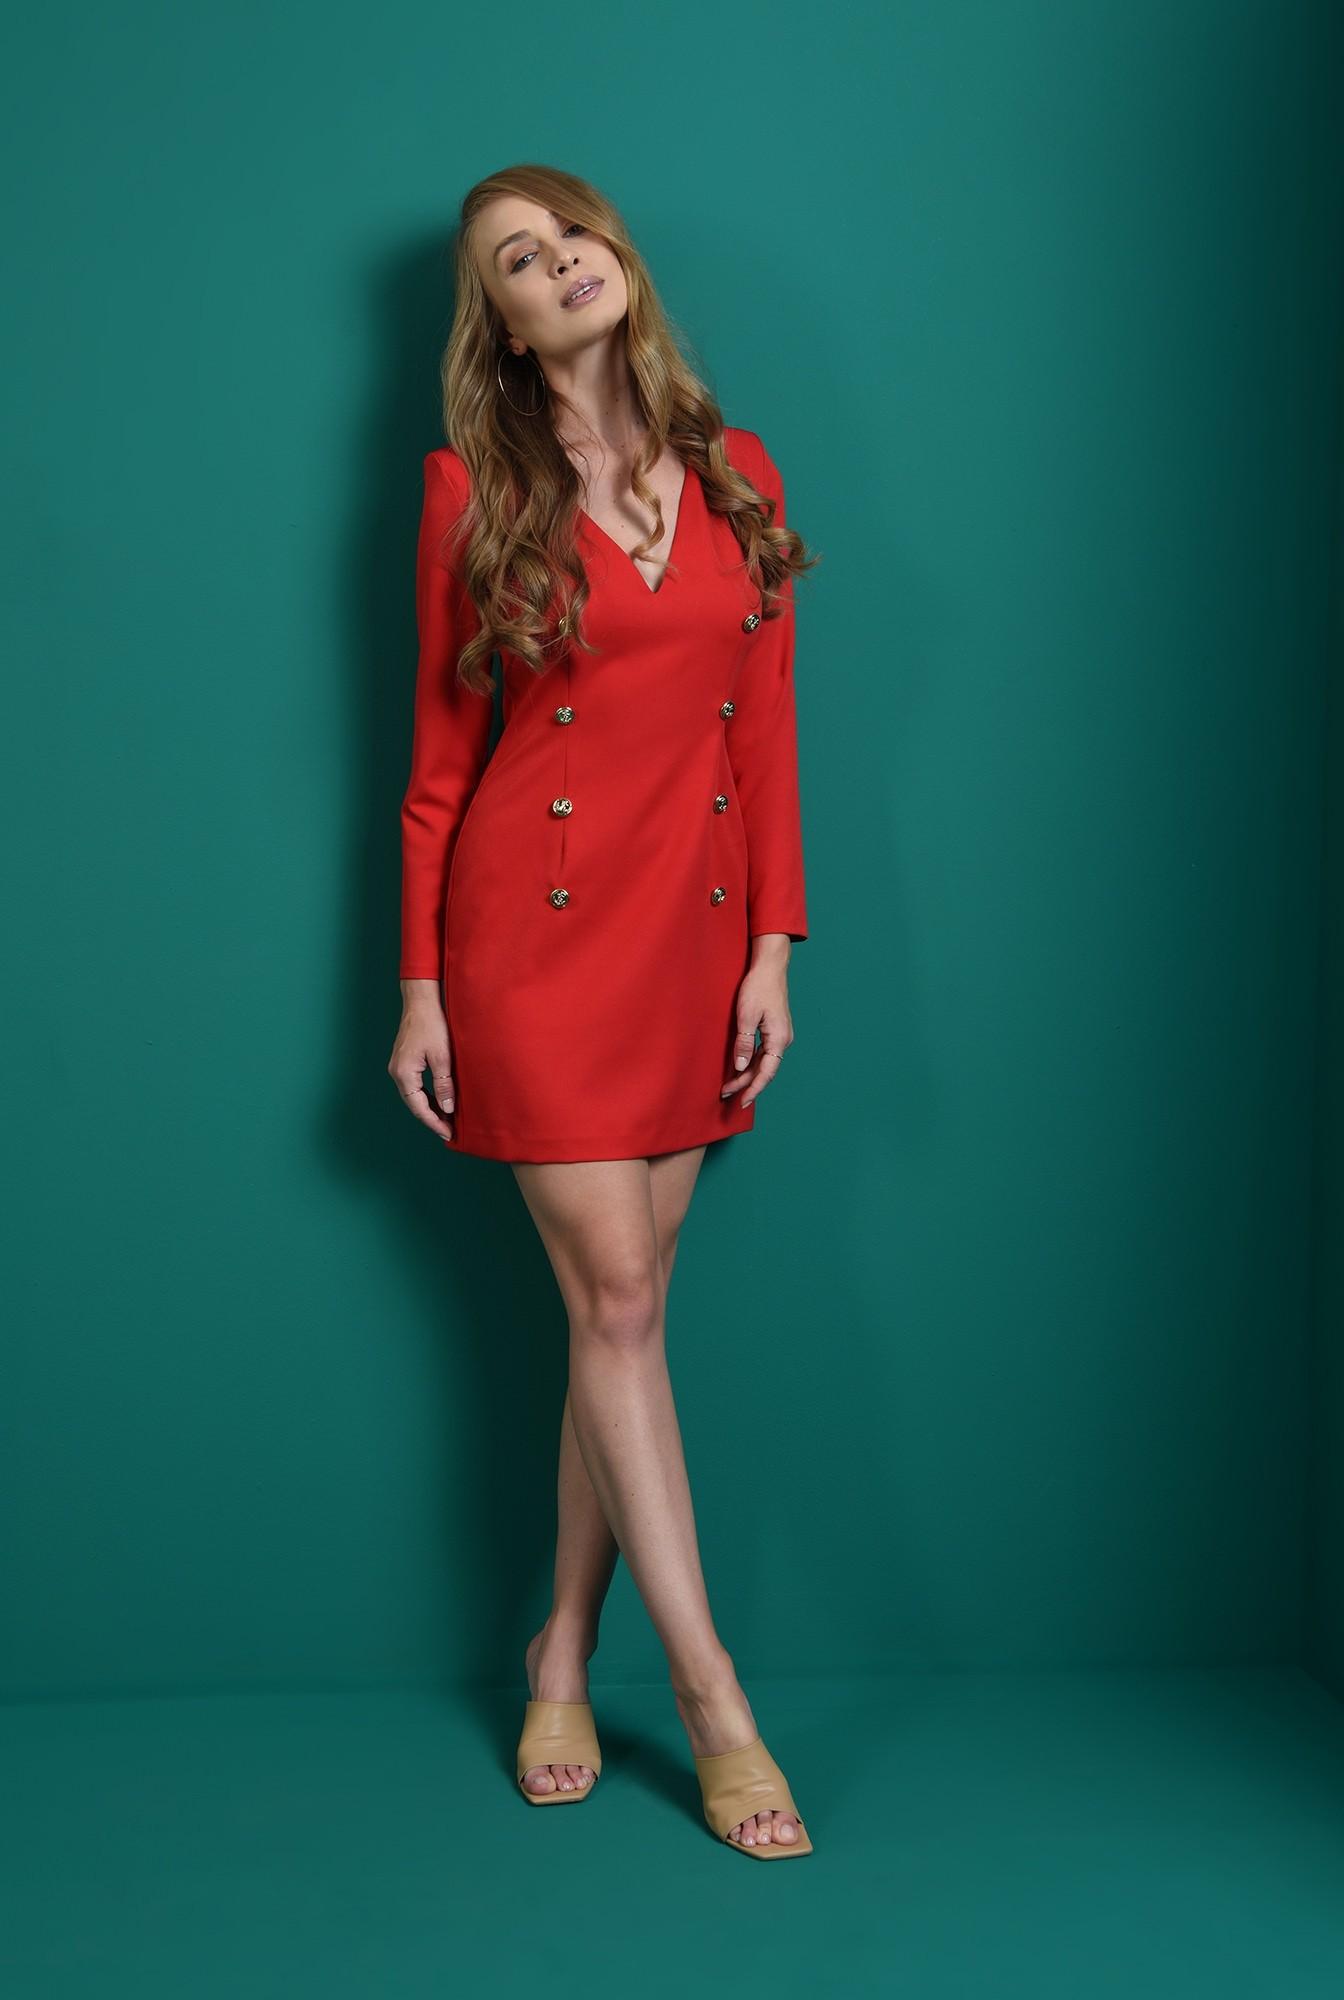 0 - rochie rosie, cu nasturi aurii, cu maneca lunga